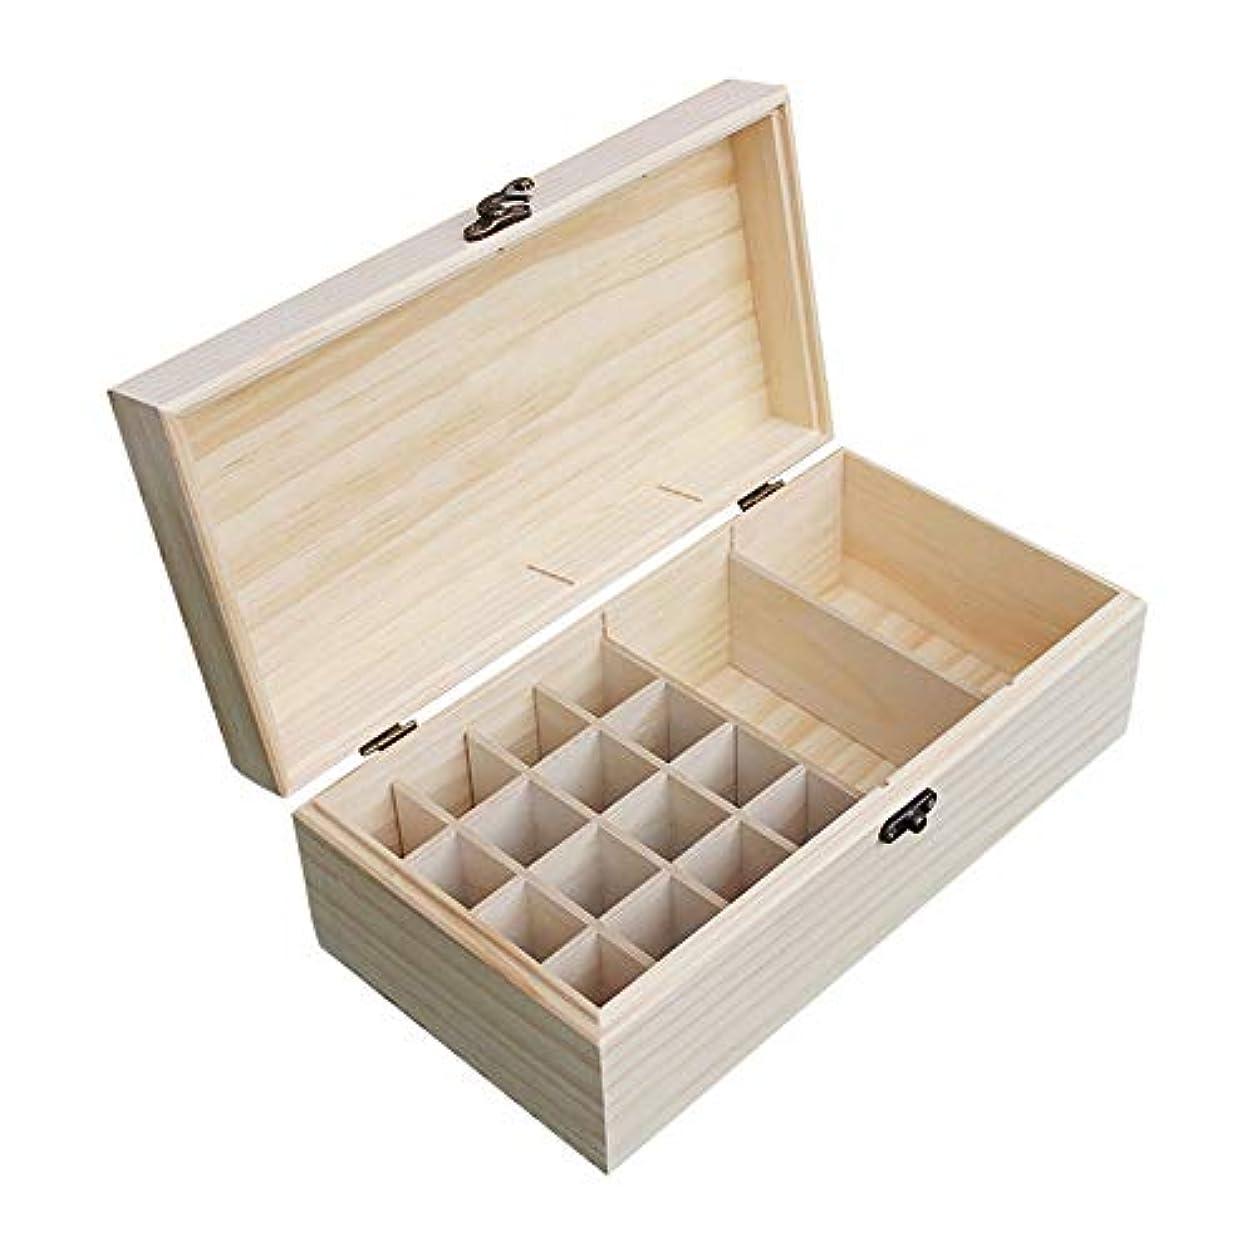 二度ネブ週末エッセンシャルオイルボックス 自然の松の18本のボトルは、あなたの精油収納ボックスオーガナイザーの安全性を維持するのが最善です アロマセラピー収納ボックス (色 : Natural, サイズ : 25.3X14.8X10CM)